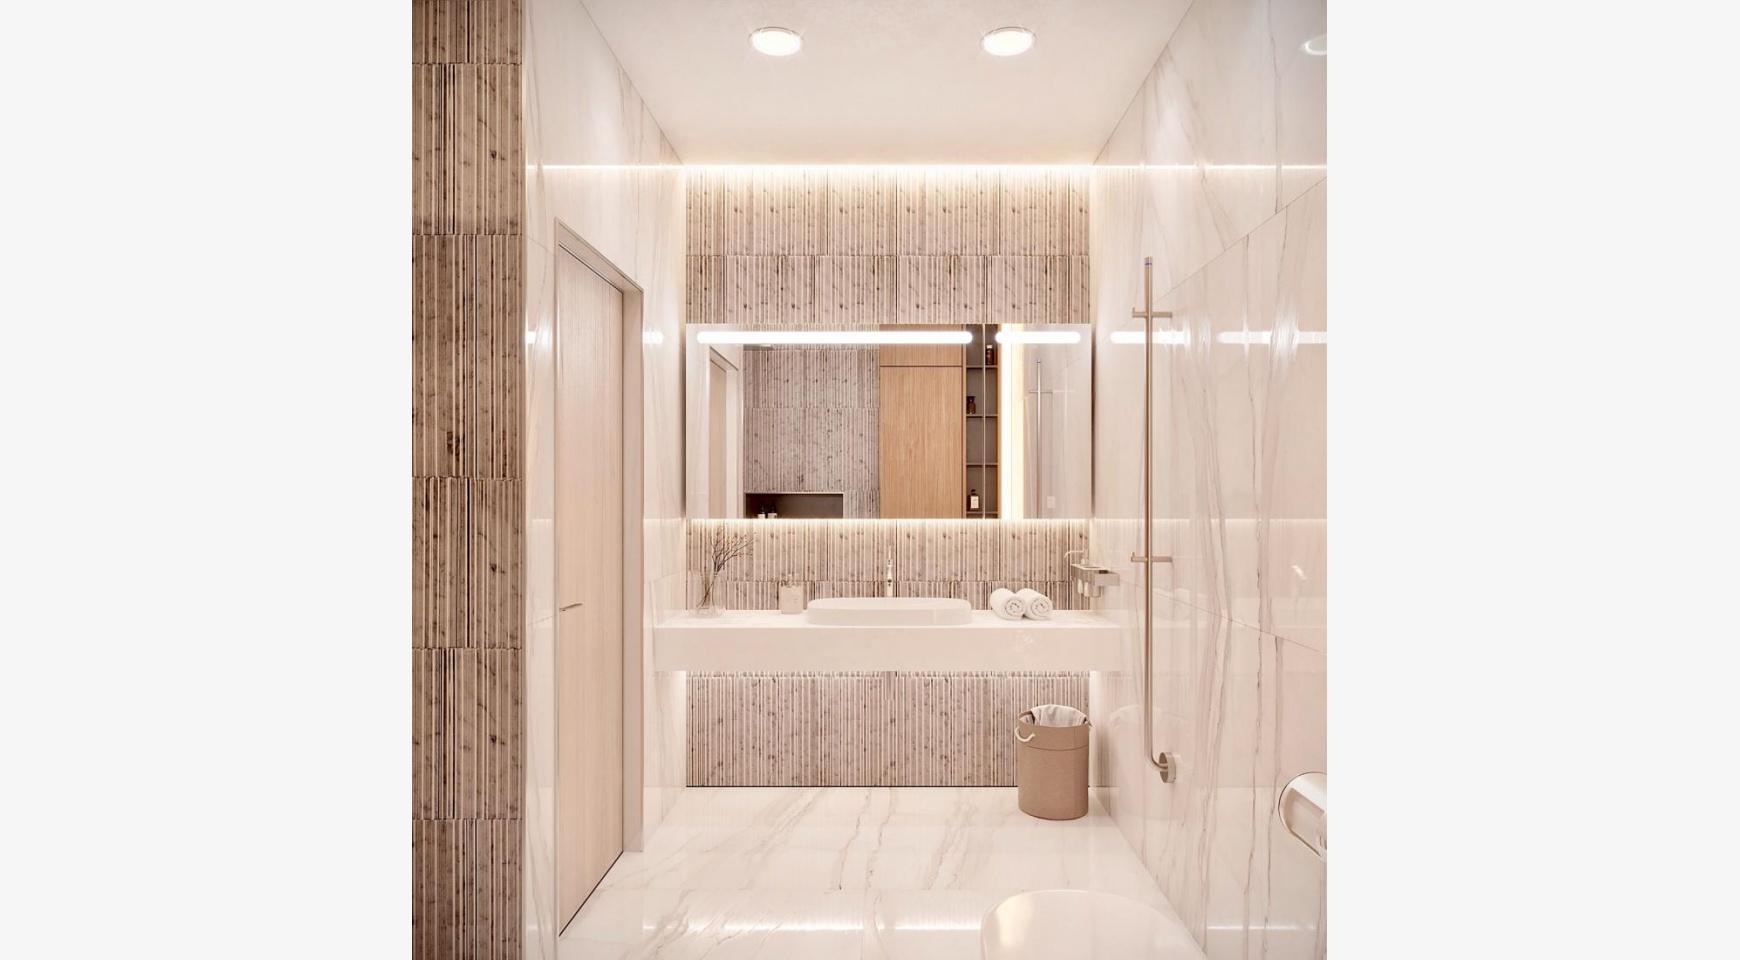 Cовременная 2-Спальная Квартира в Новом Комплексе возле Моря - 6